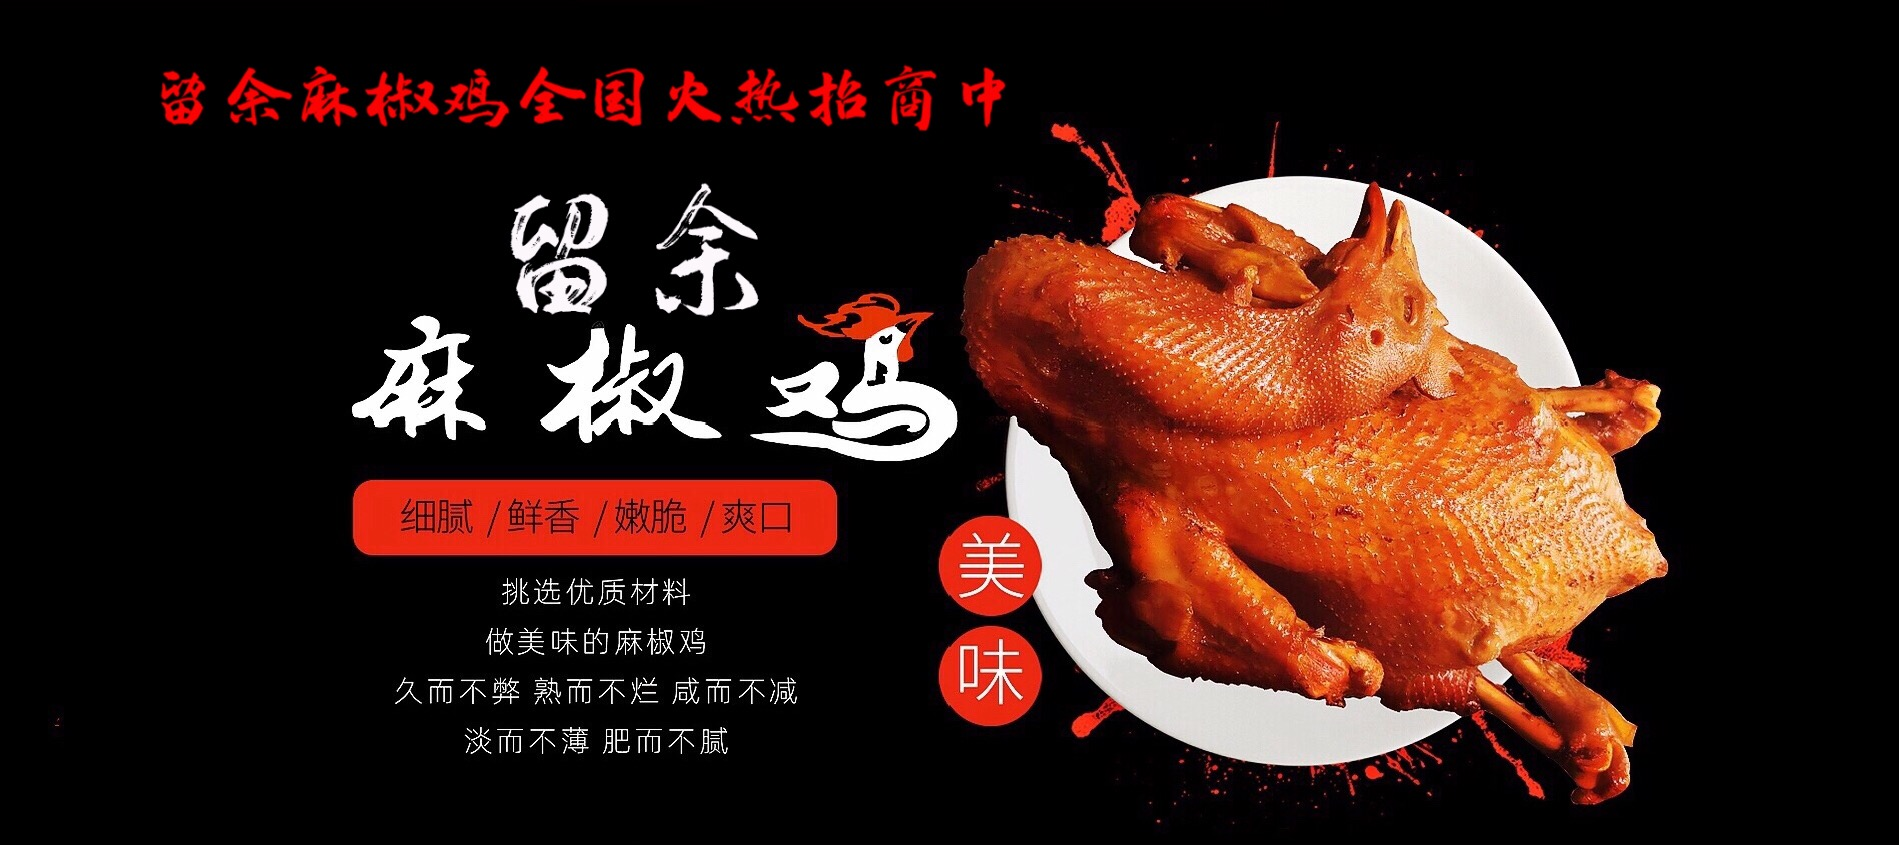 麻椒鸡加盟